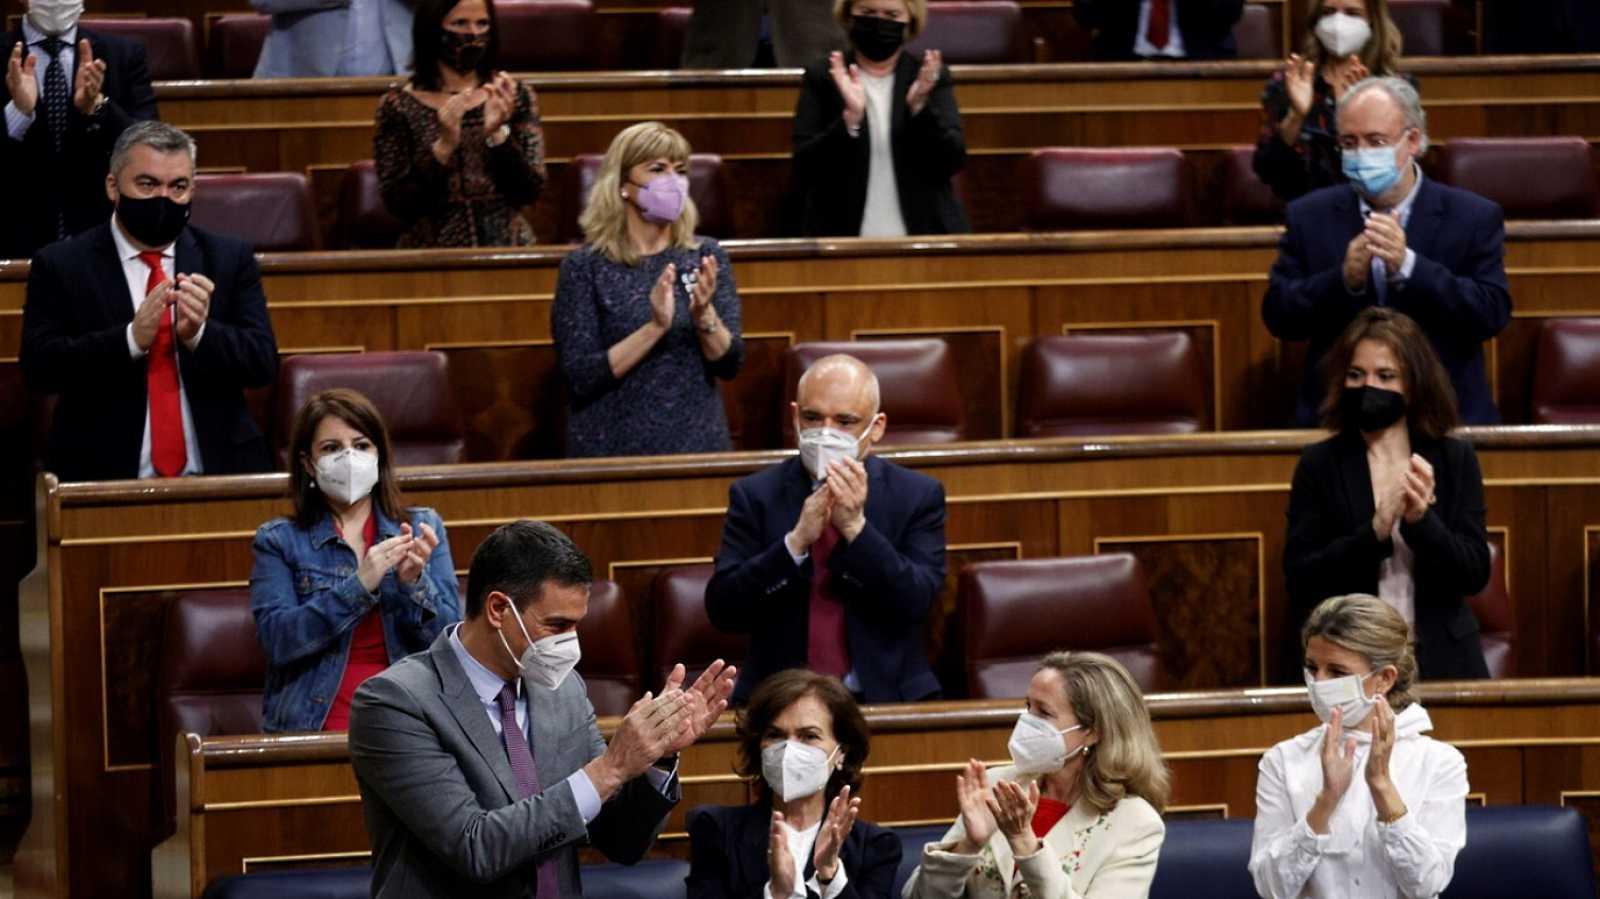 Especial informativo - Sesión de control al gobierno (3) - 14/04/21 - ver ahora